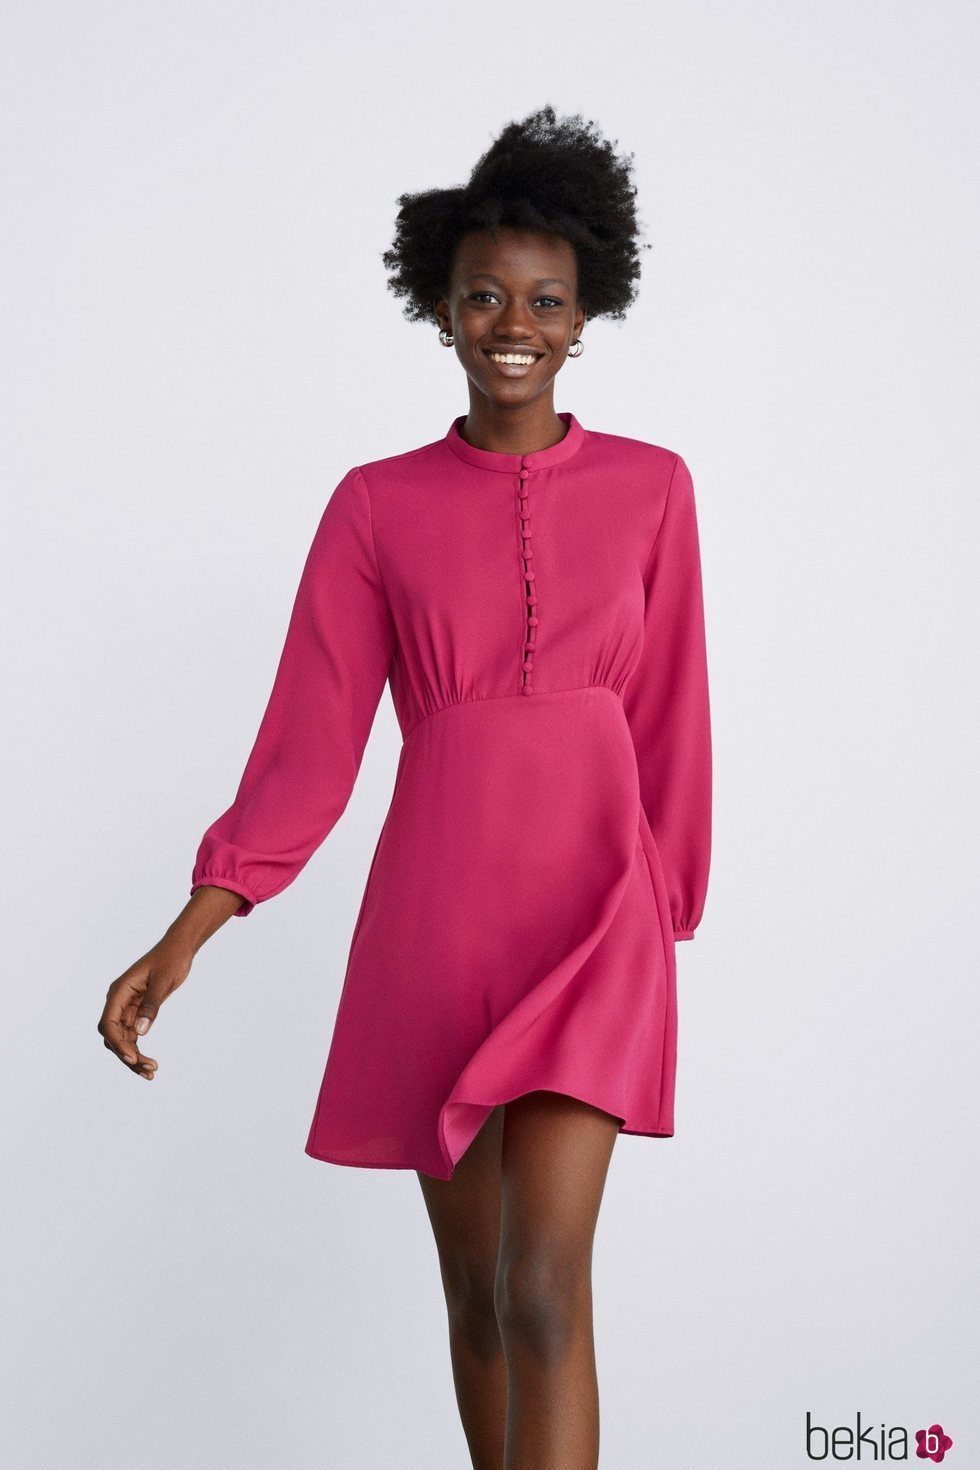 Primavera Colección Rosa Verano Zara 2019 Vestido Mwn8n0v